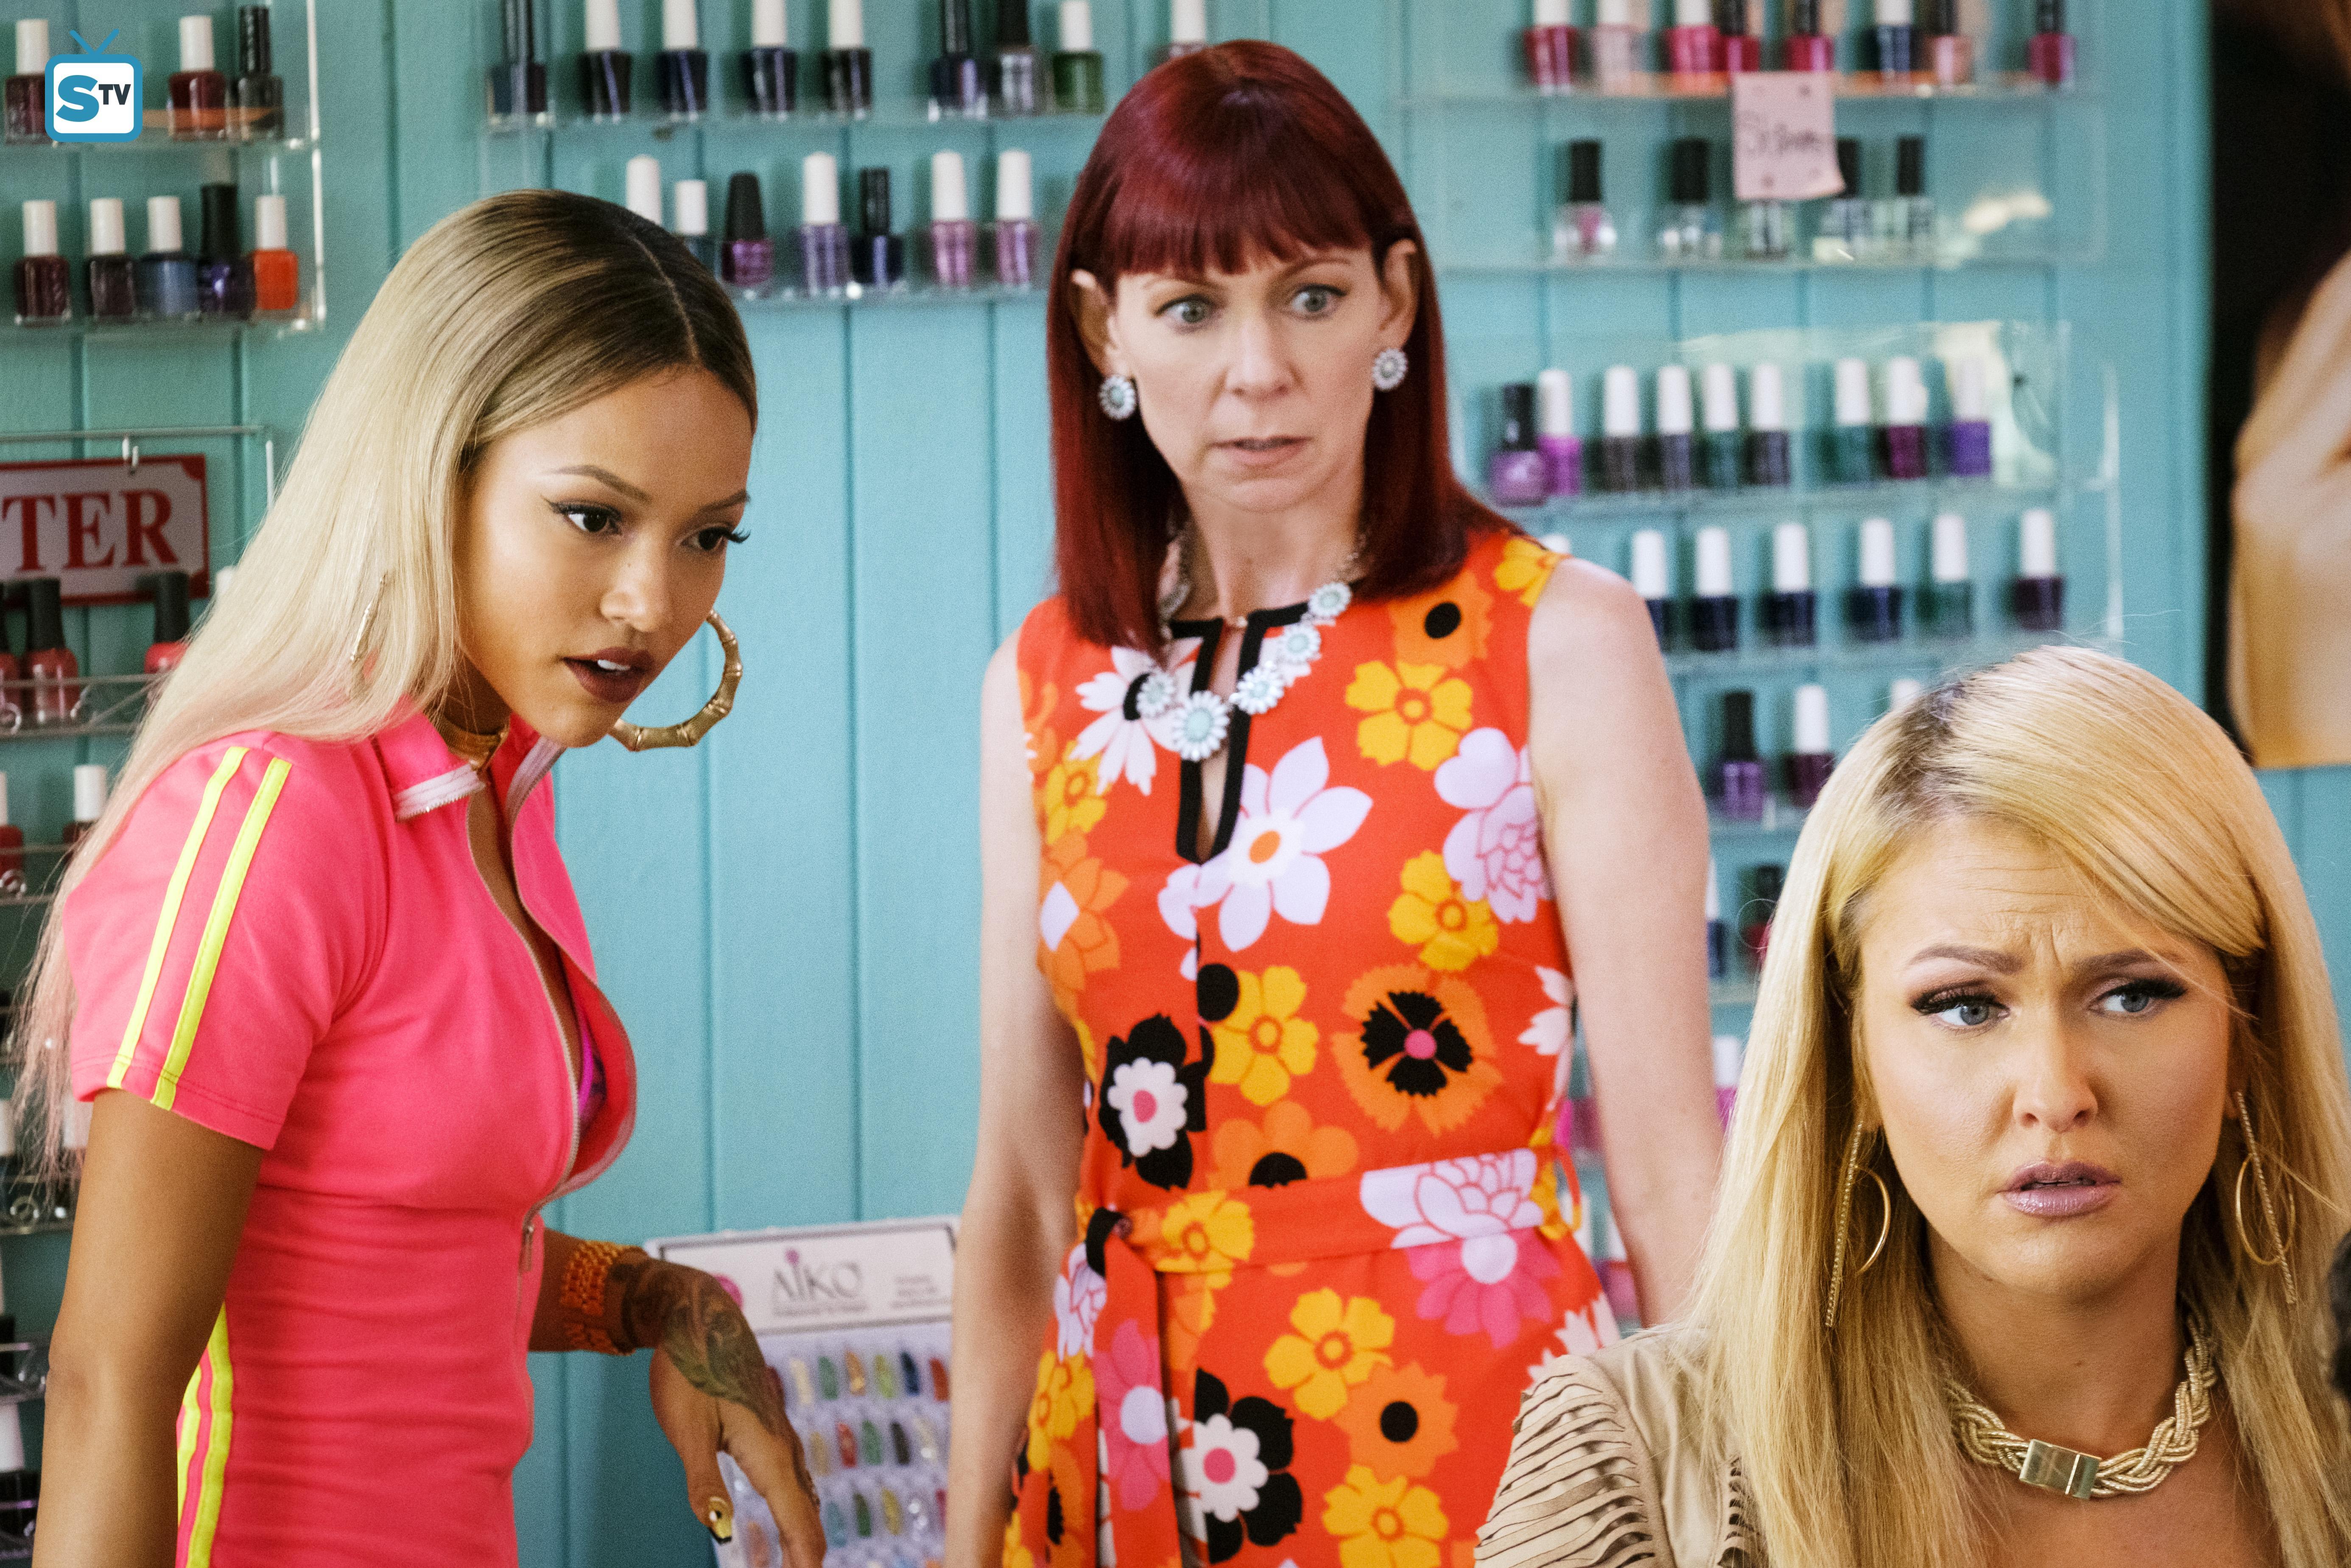 1x09 'Ambrosia' Promotional bức ảnh